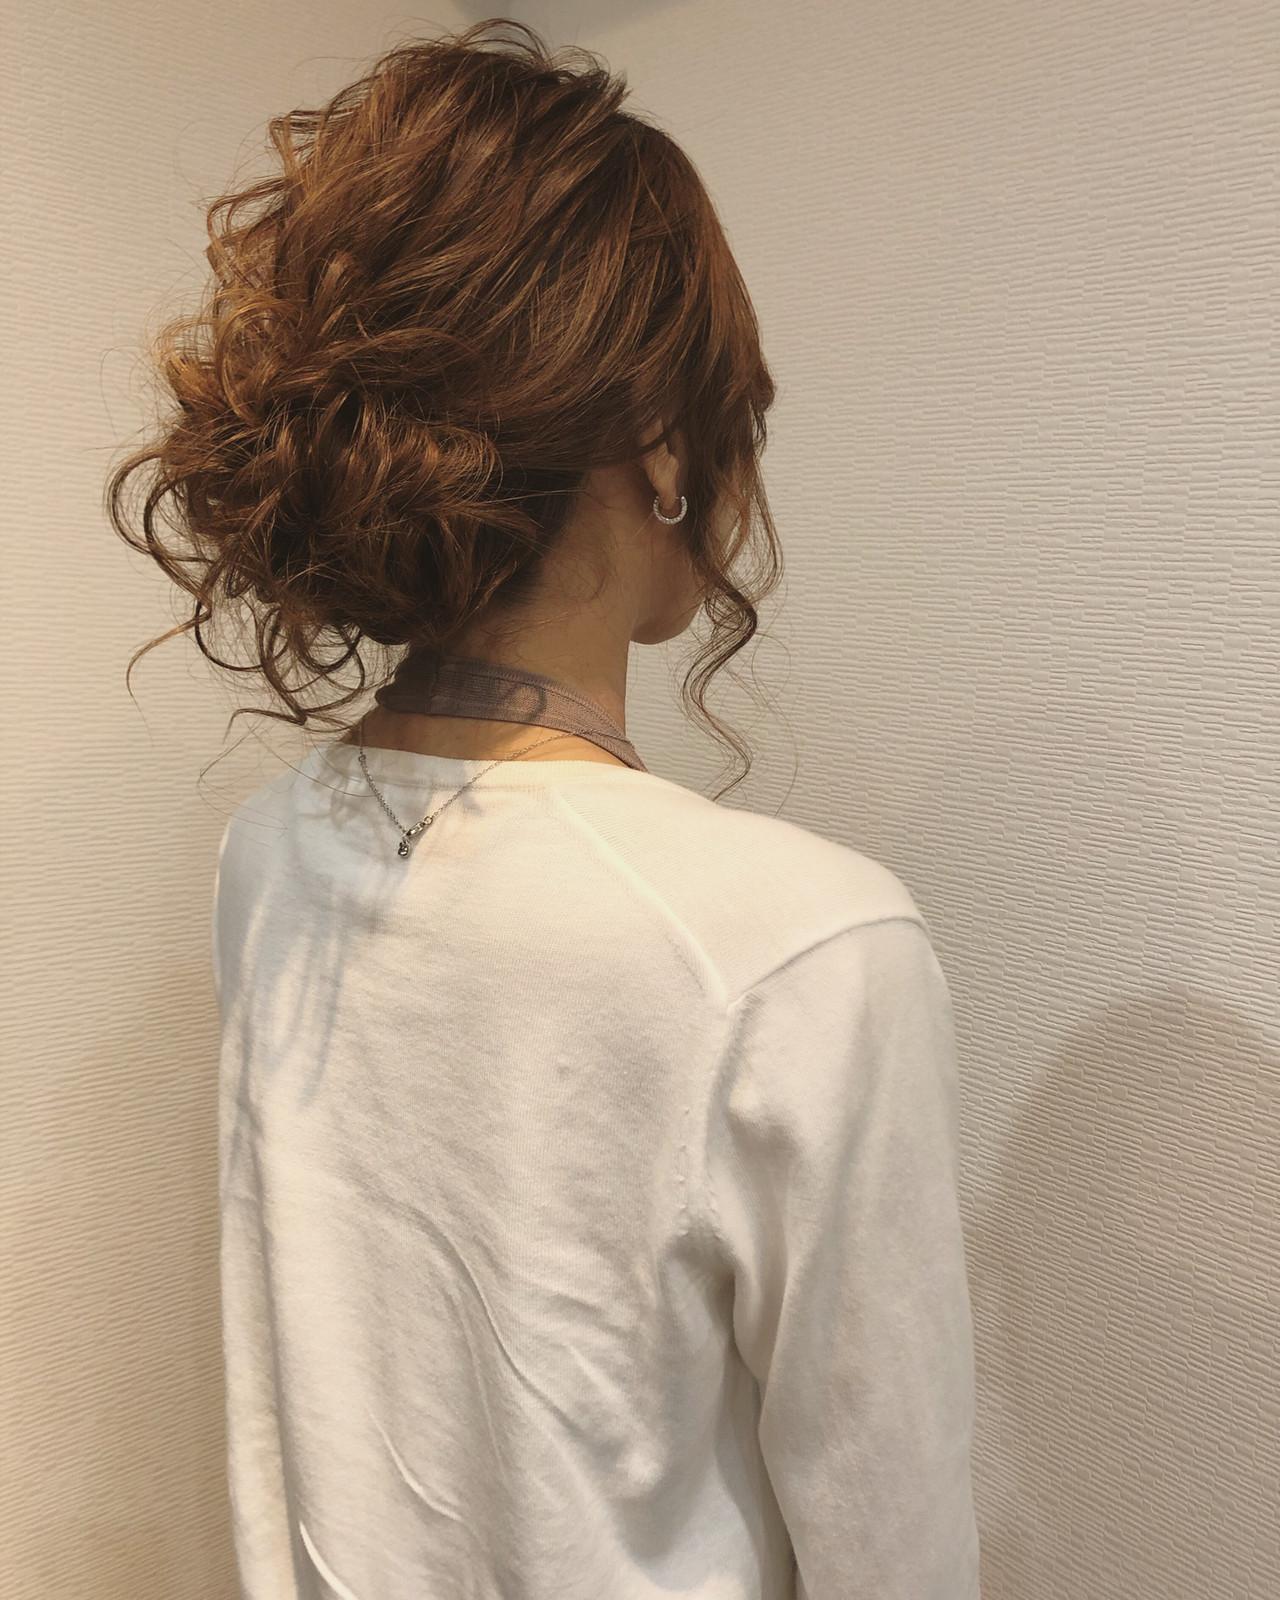 ヘアアレンジ フェミニン セミロング アップスタイル ヘアスタイルや髪型の写真・画像